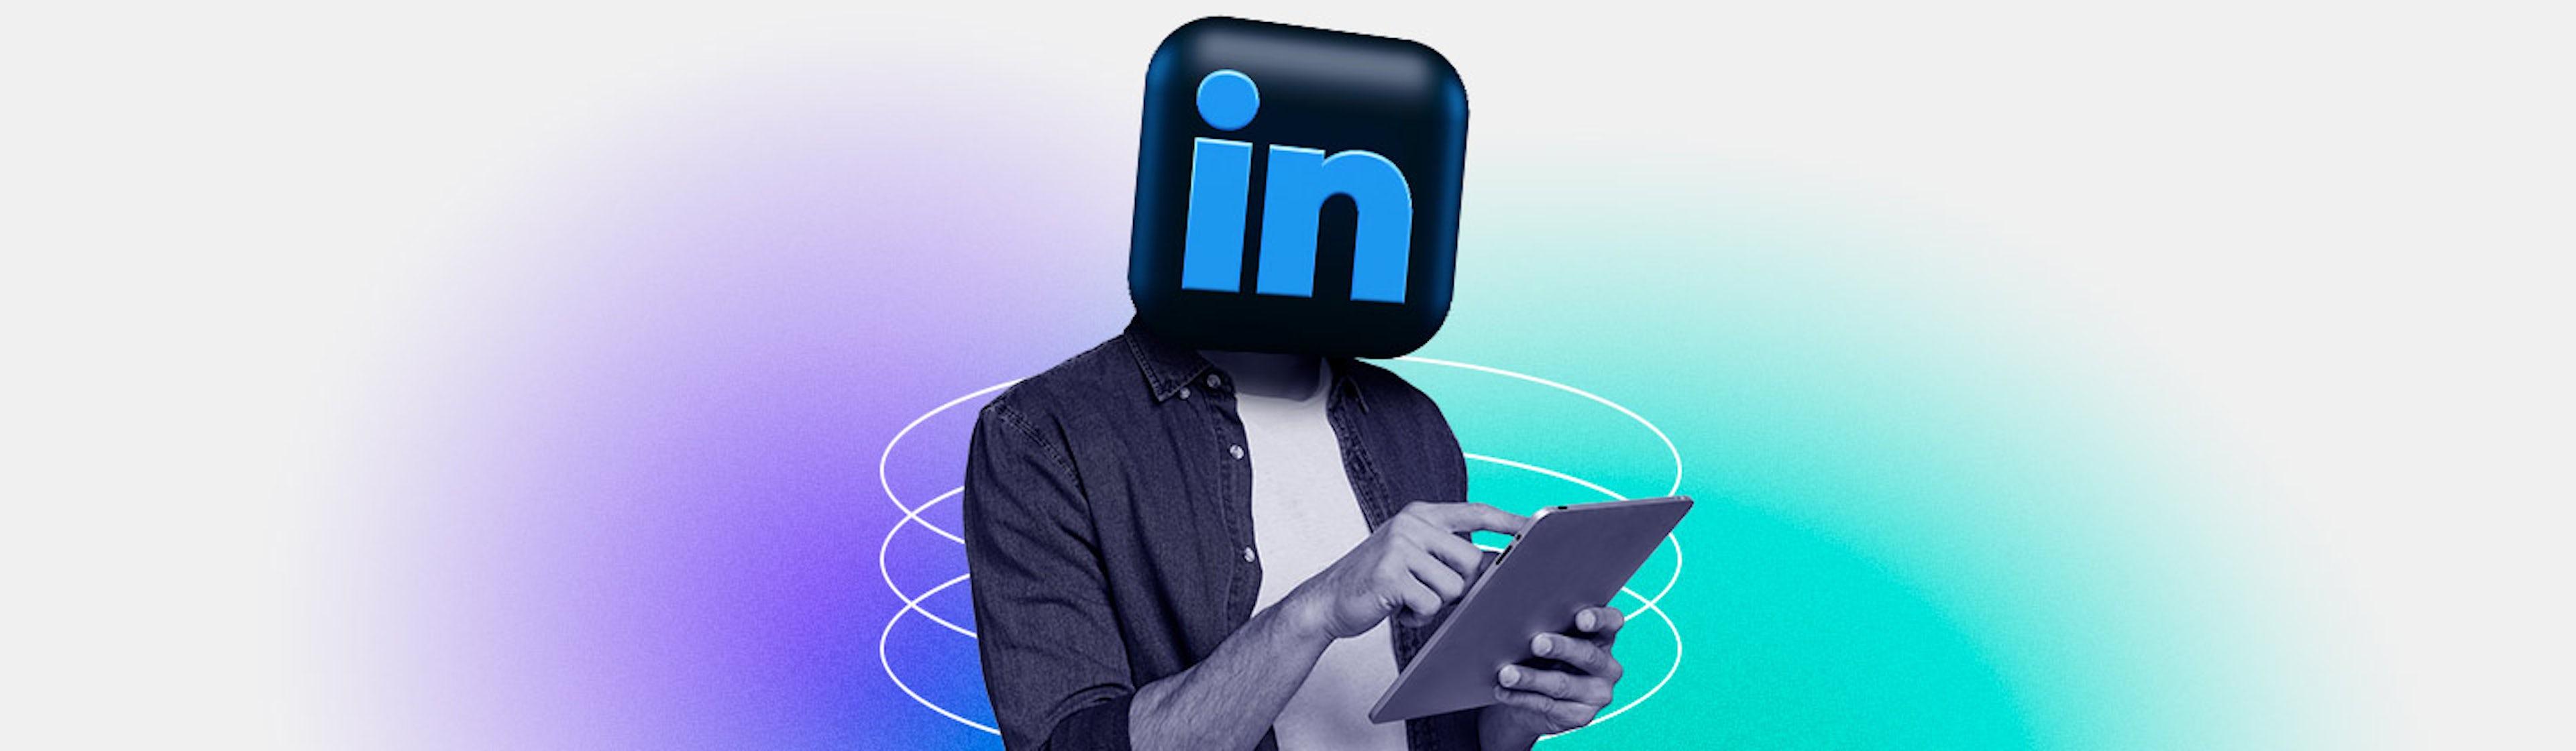 5 pasos para mejorar tu perfil de LinkedIn